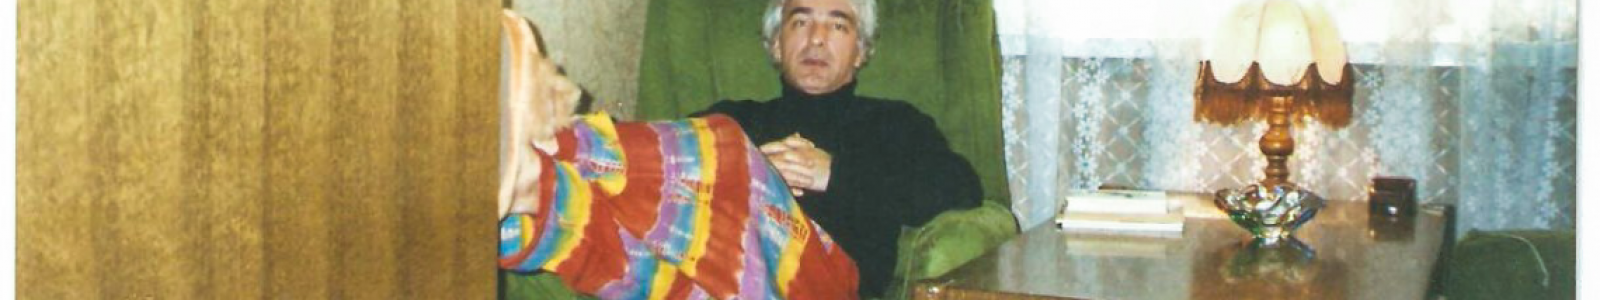 Gallery Painter vakhtang kharatishvili